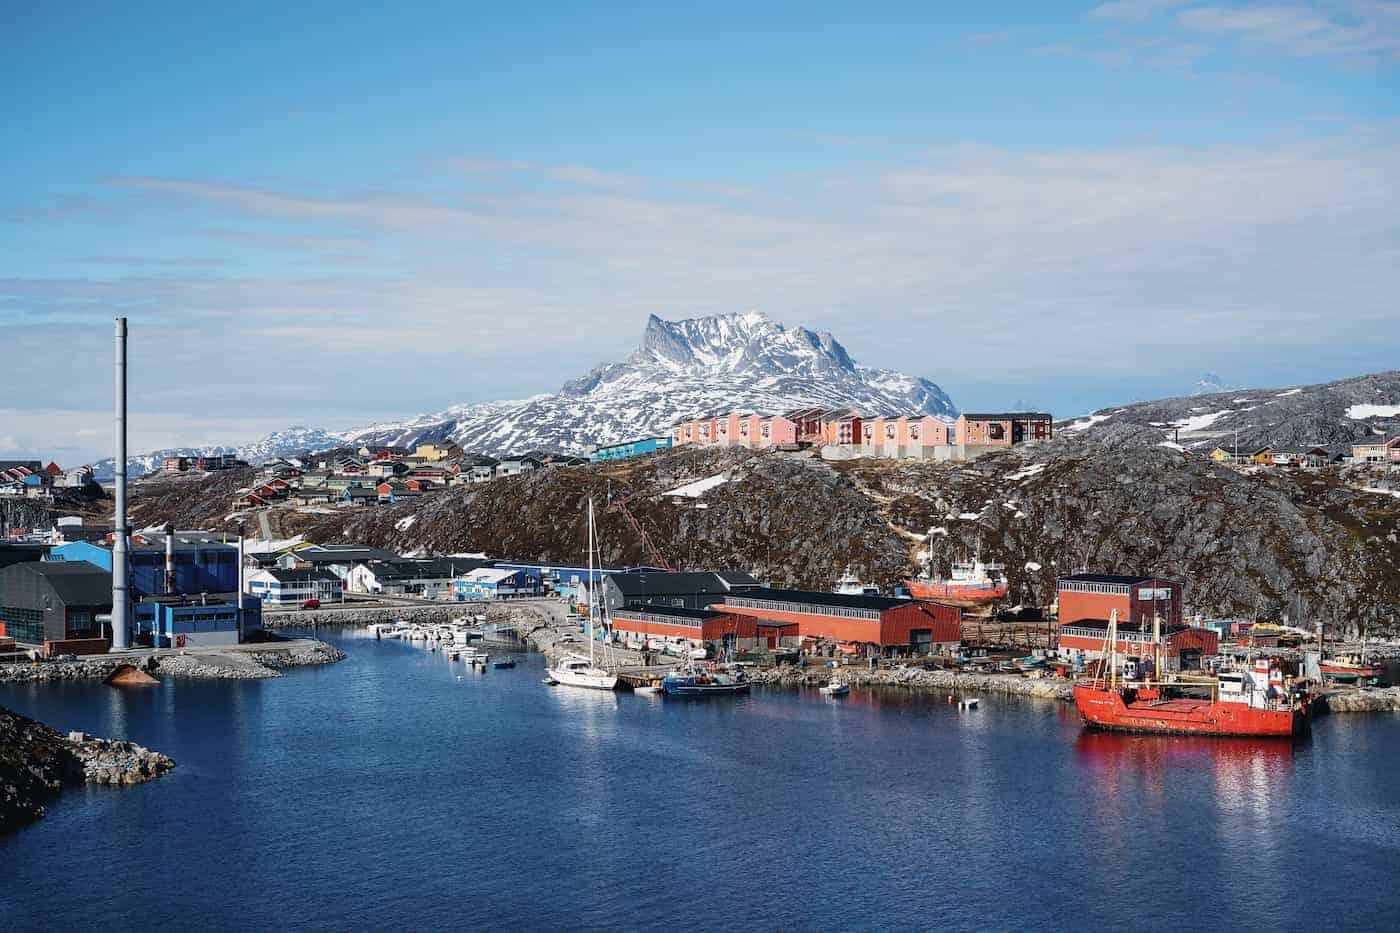 Las autoridades de Groenlandia suspenden la búsqueda de petróleo para luchar contra la crisis climática